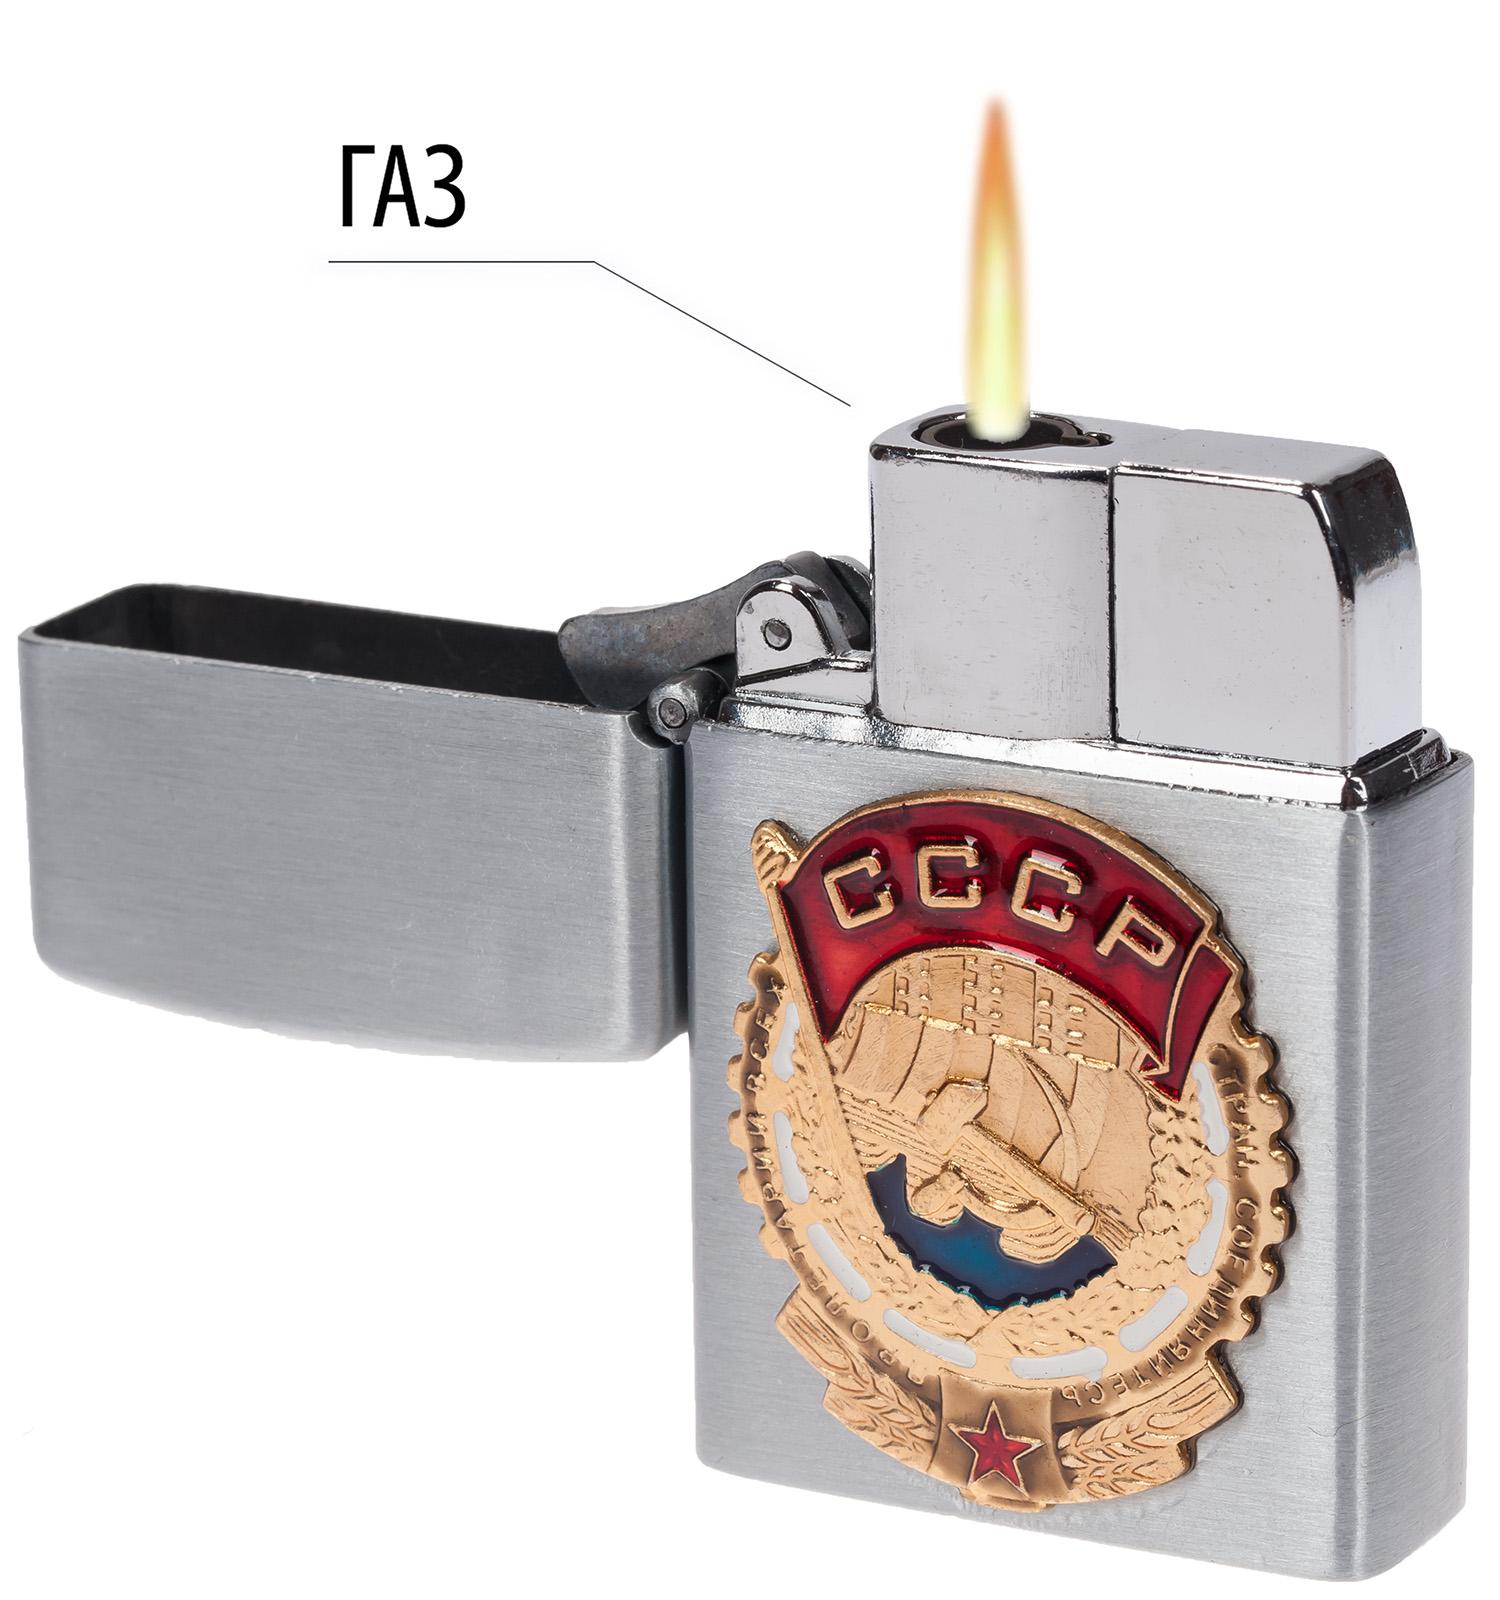 Зажигалка с накладкой в виде ордена Трудового Красного Знамени